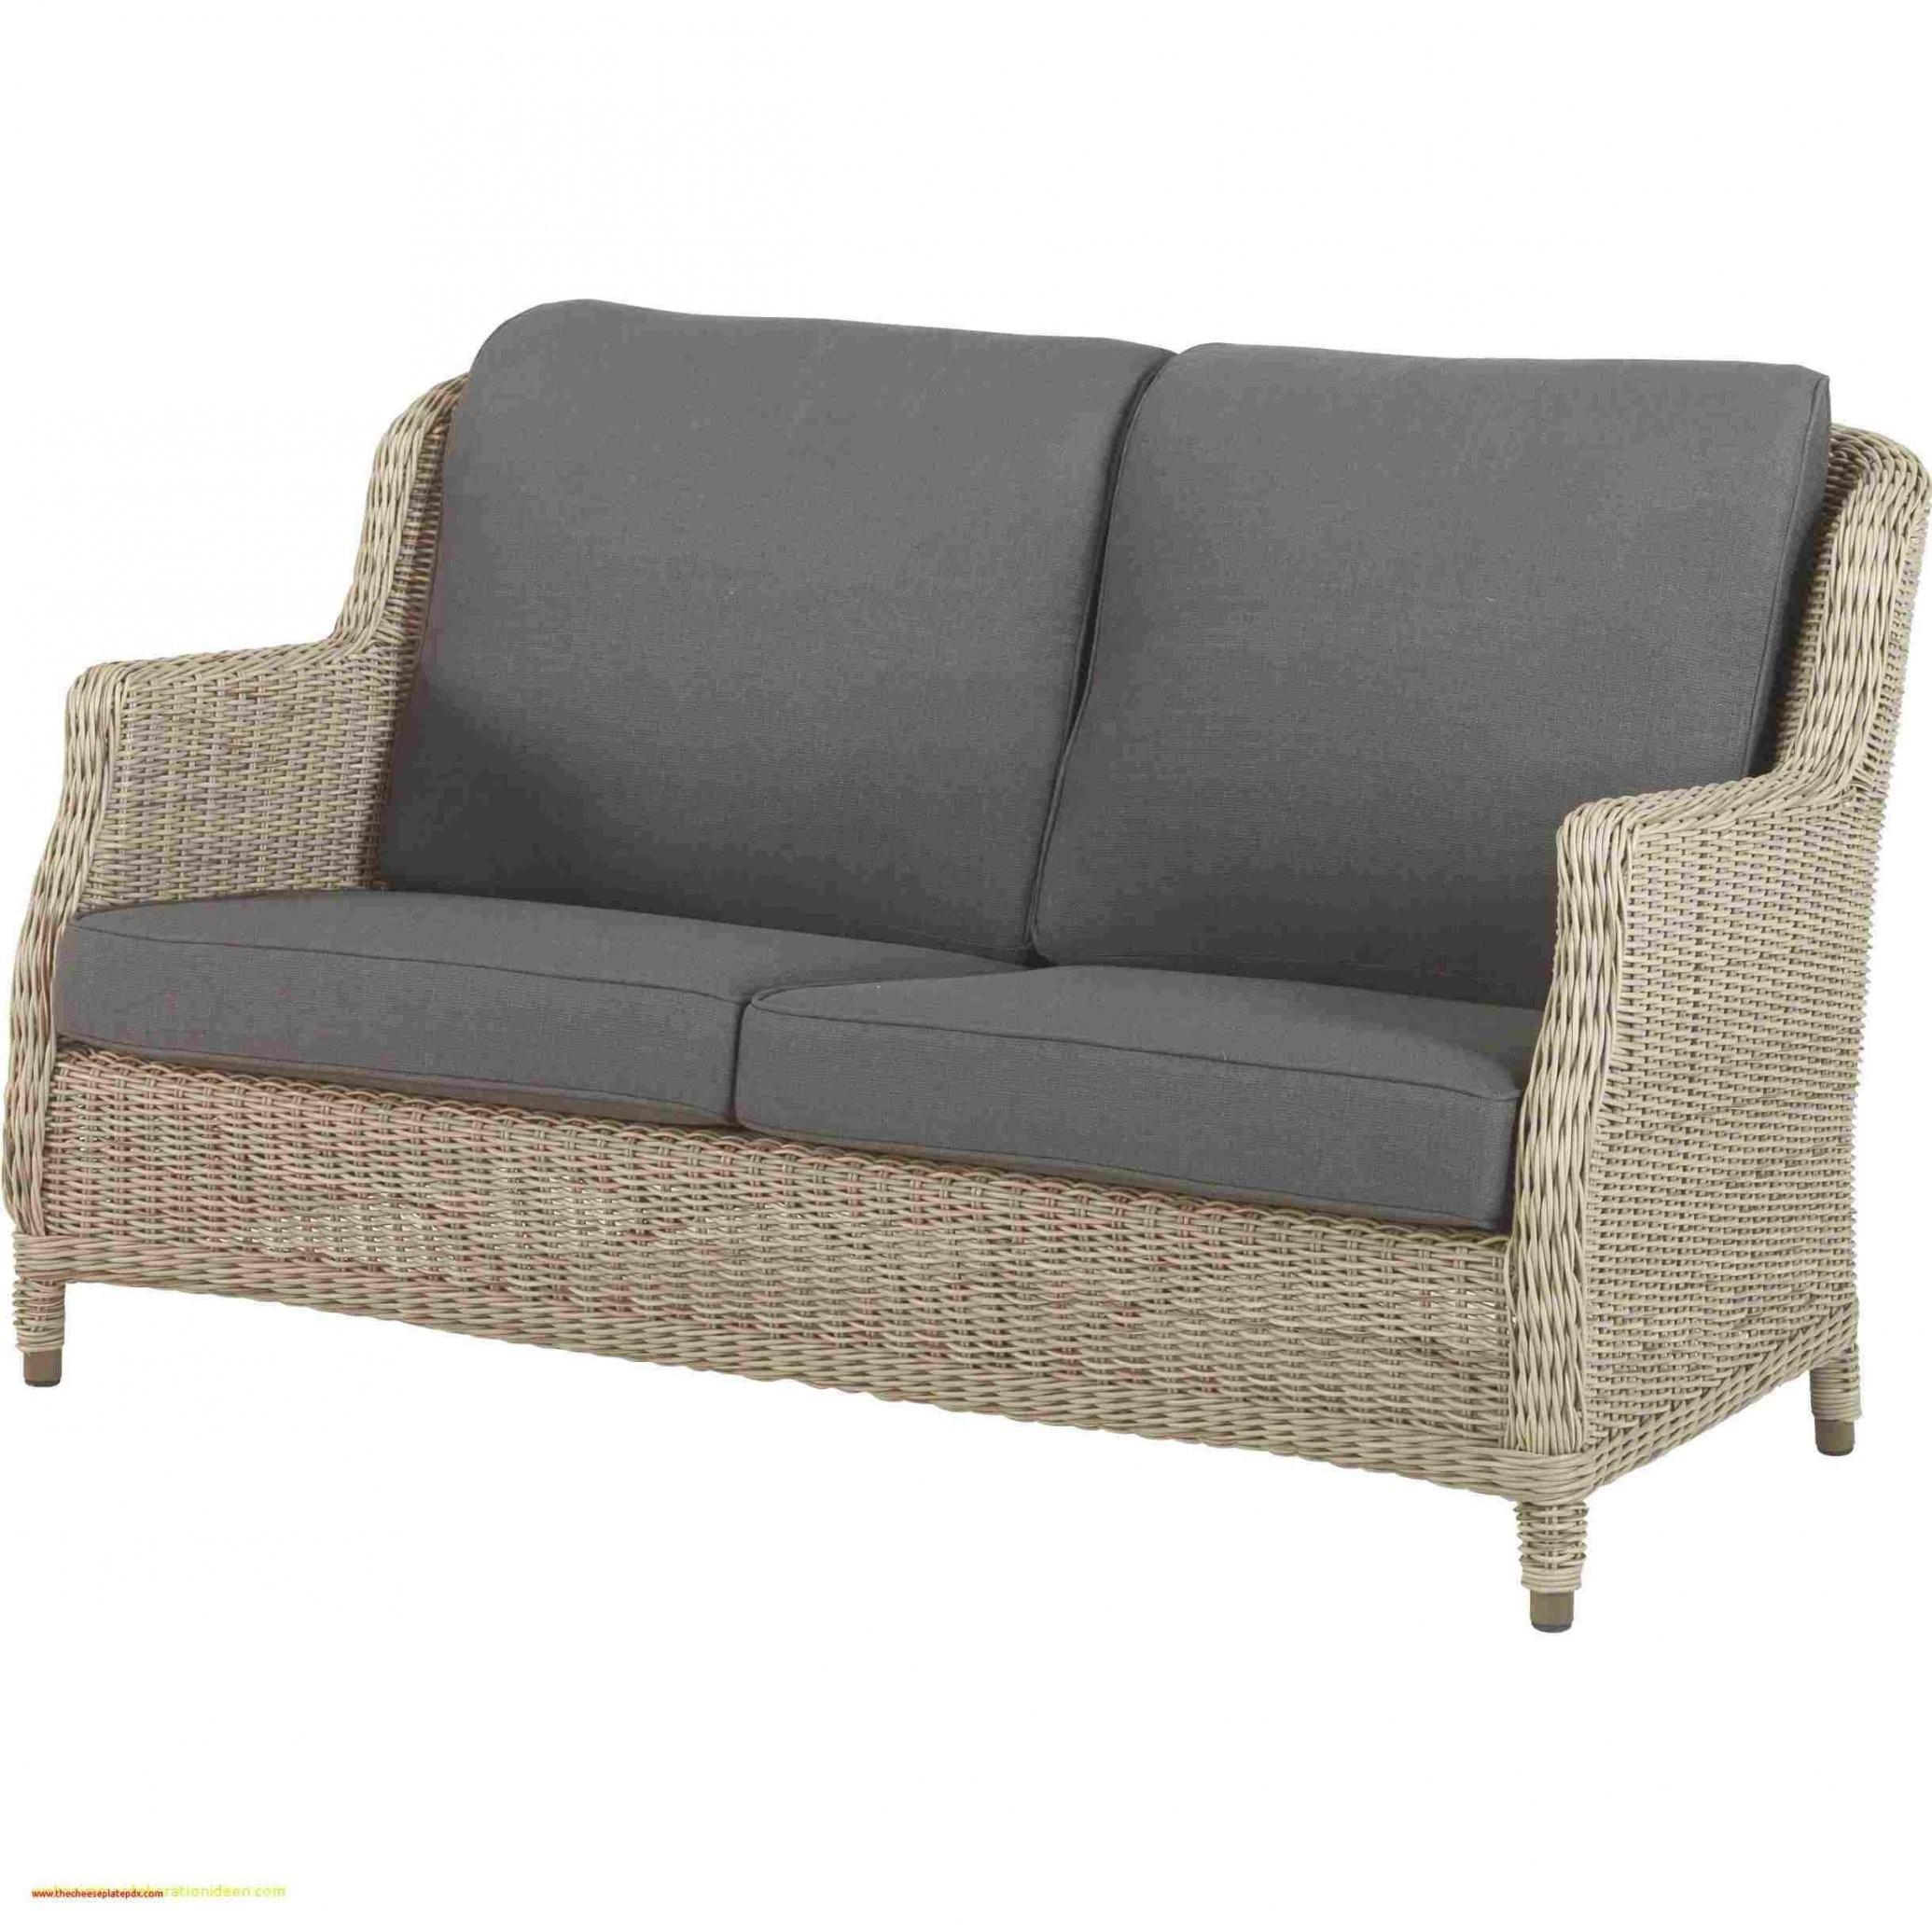 2 Sitzer Sofa Zum Ausziehen Neu 30 Elegant 2 Sitzer Couch Bilder von 2 Sitzer Sofa Zum Ausziehen Photo